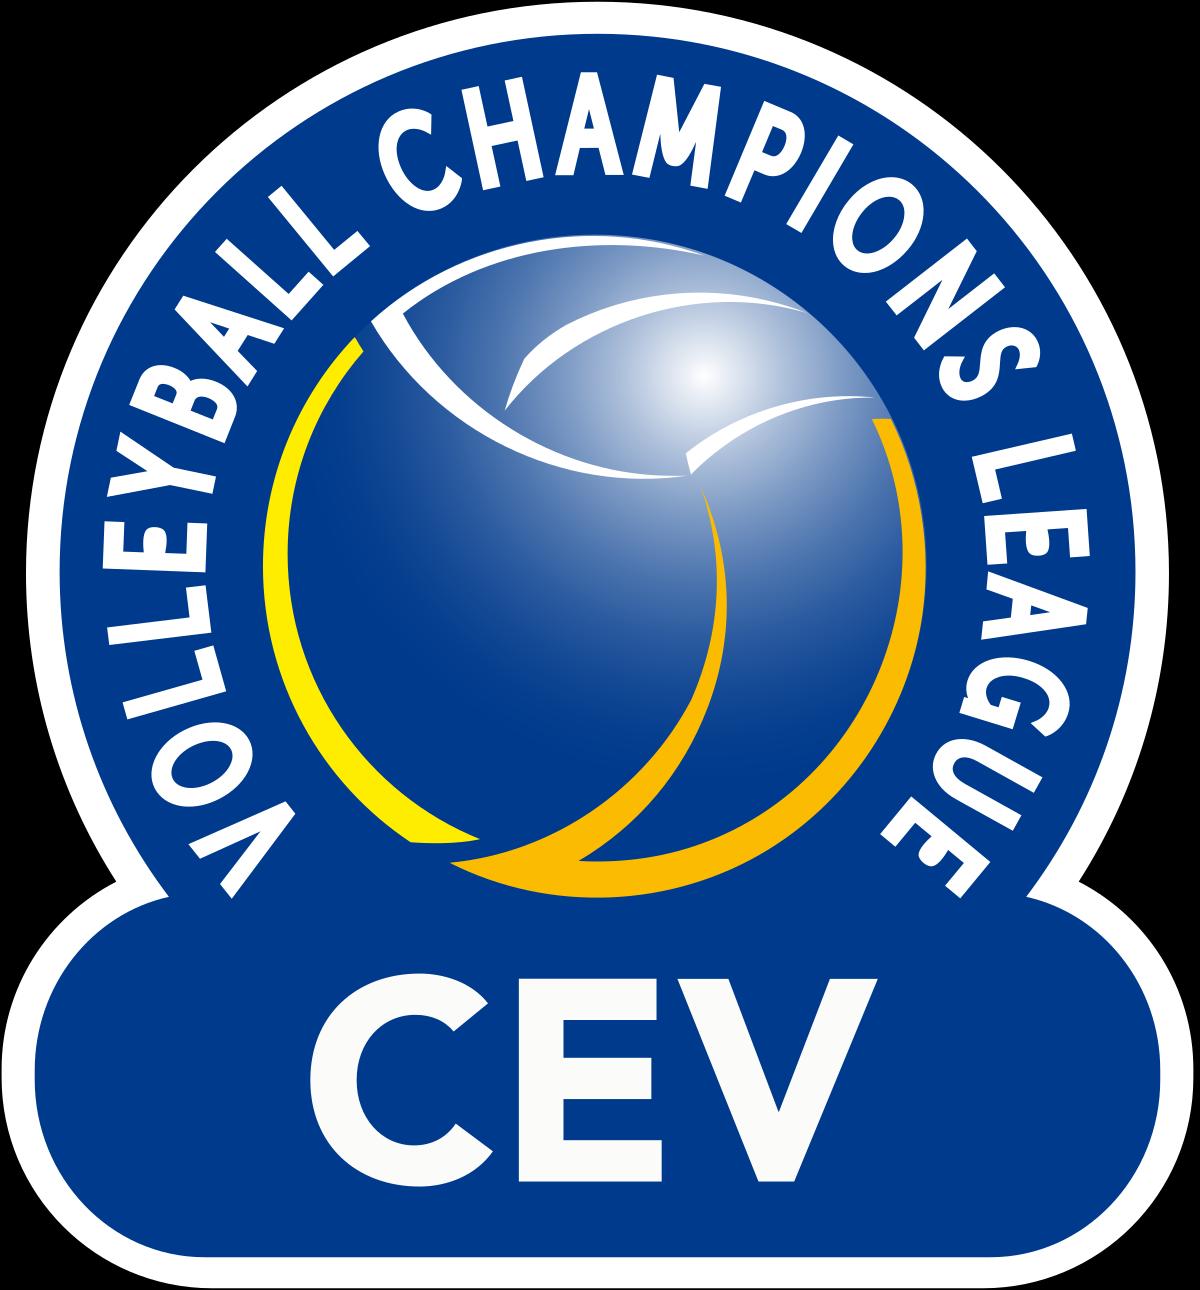 Transparent Background Champions League Logo